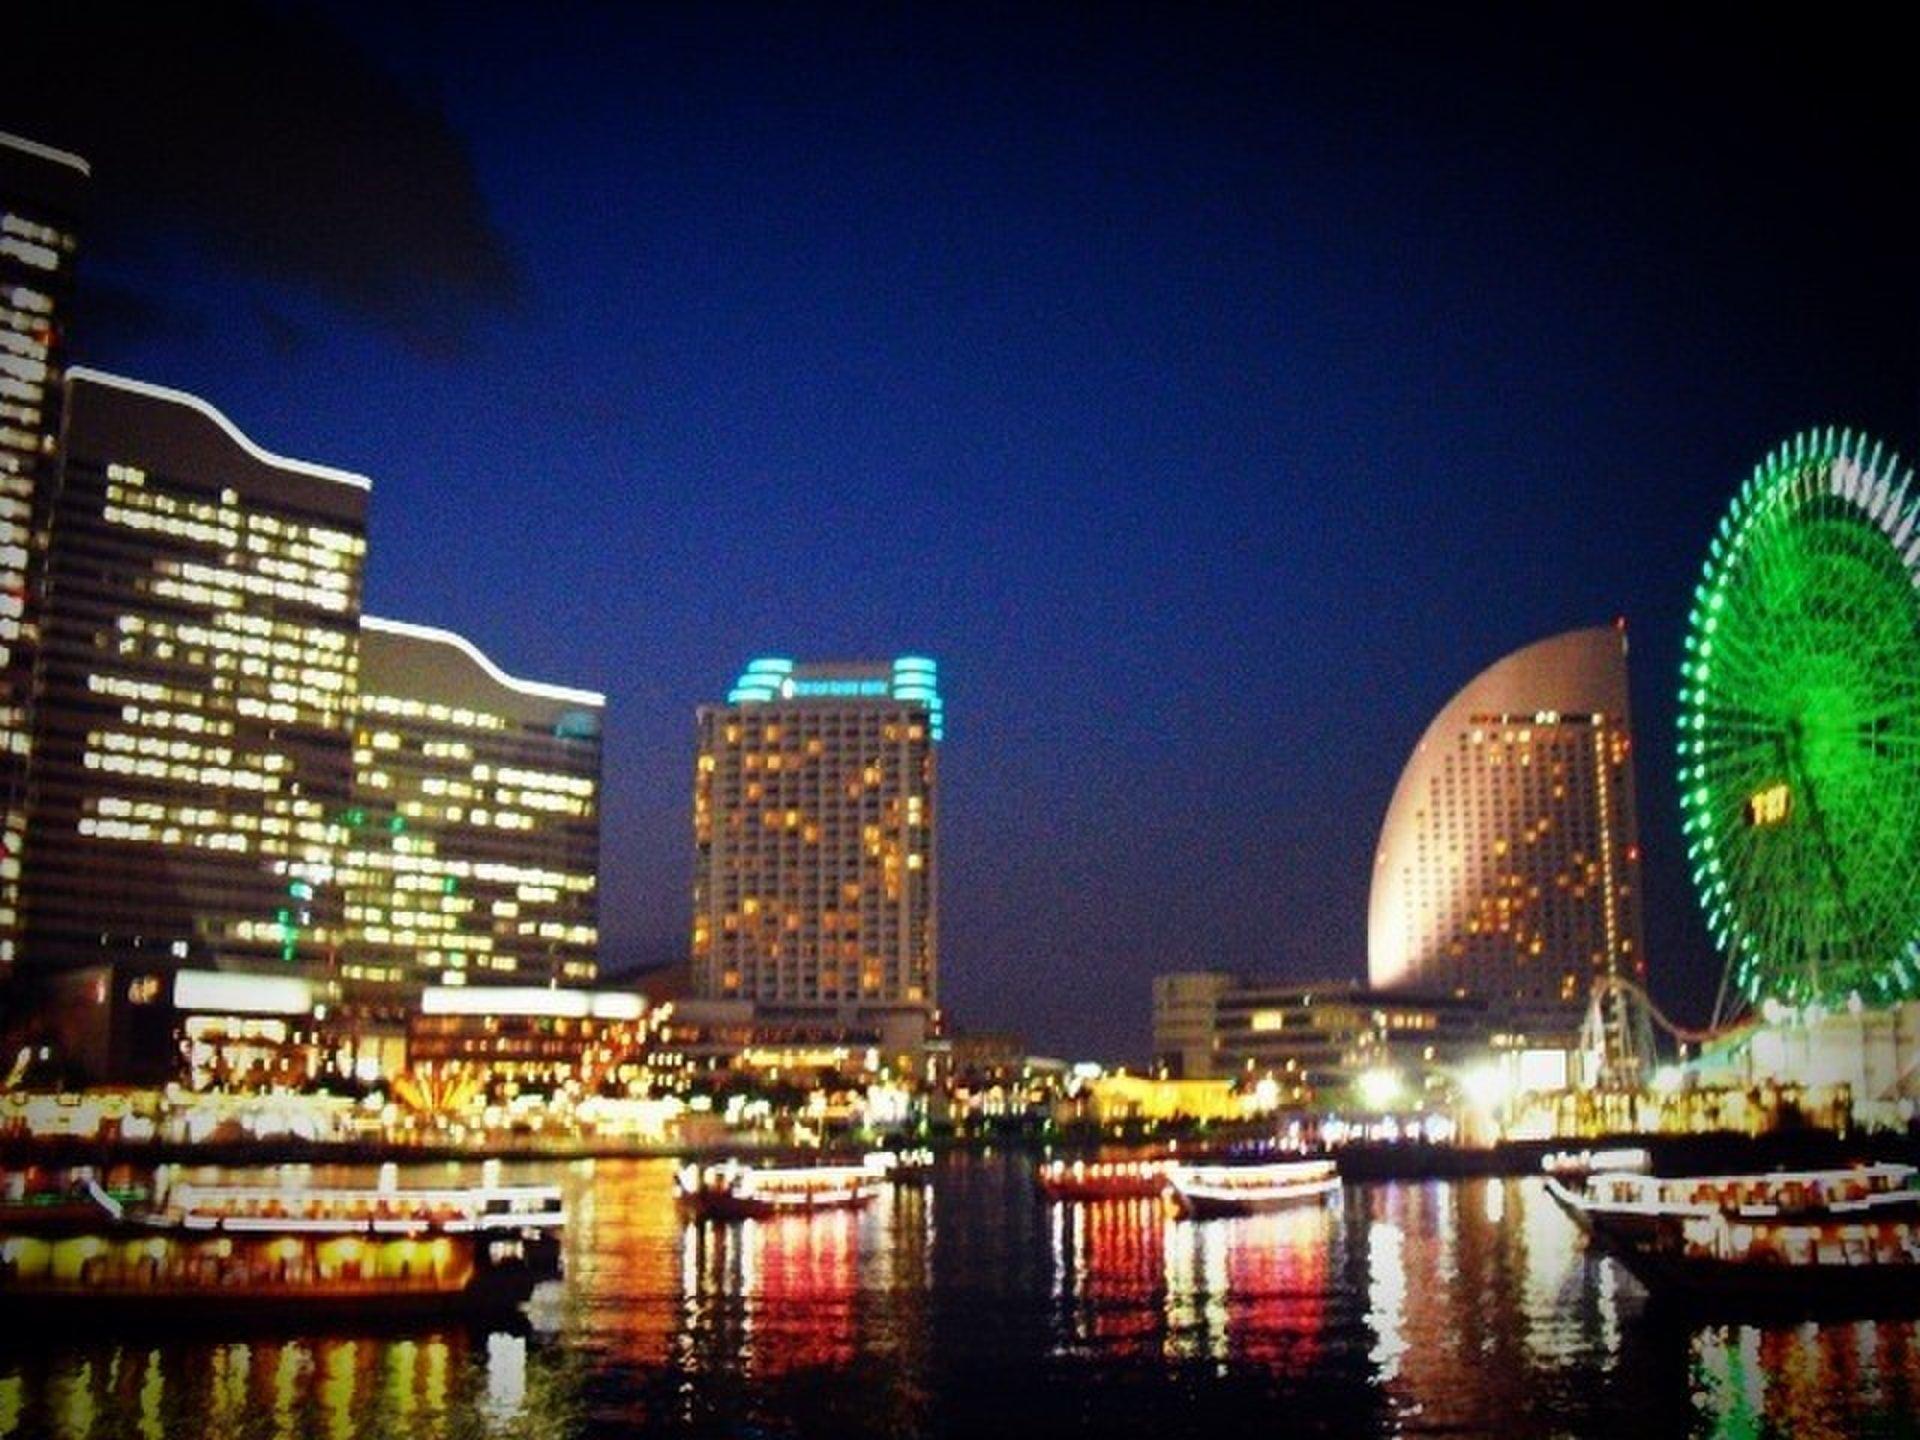 横浜チルスポット特集!ドライブでうっとりするような景色を楽しむコース